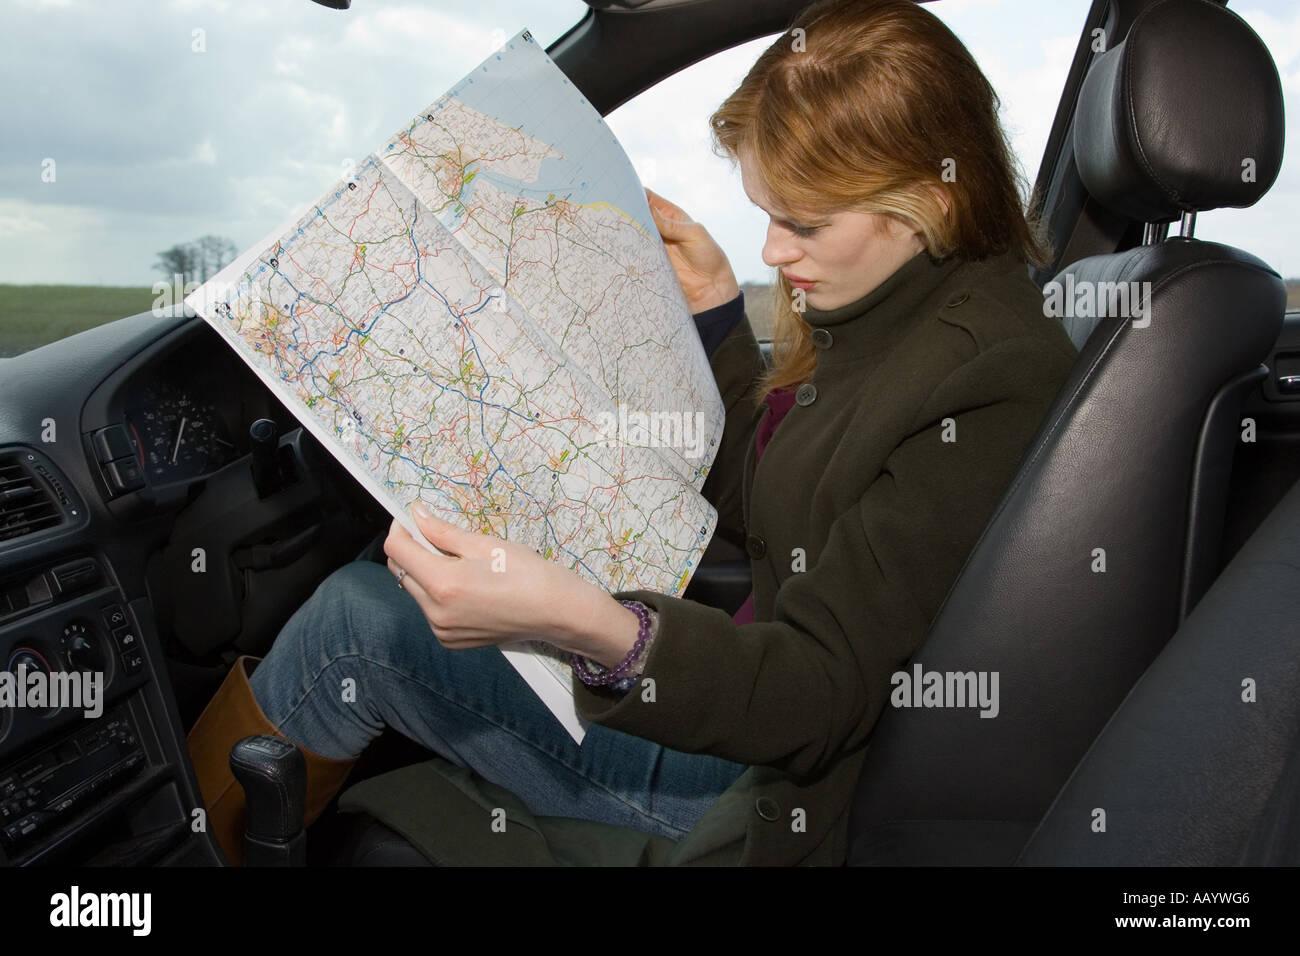 Une femme lisant un site pour les directions après devenir perdu Photo Stock